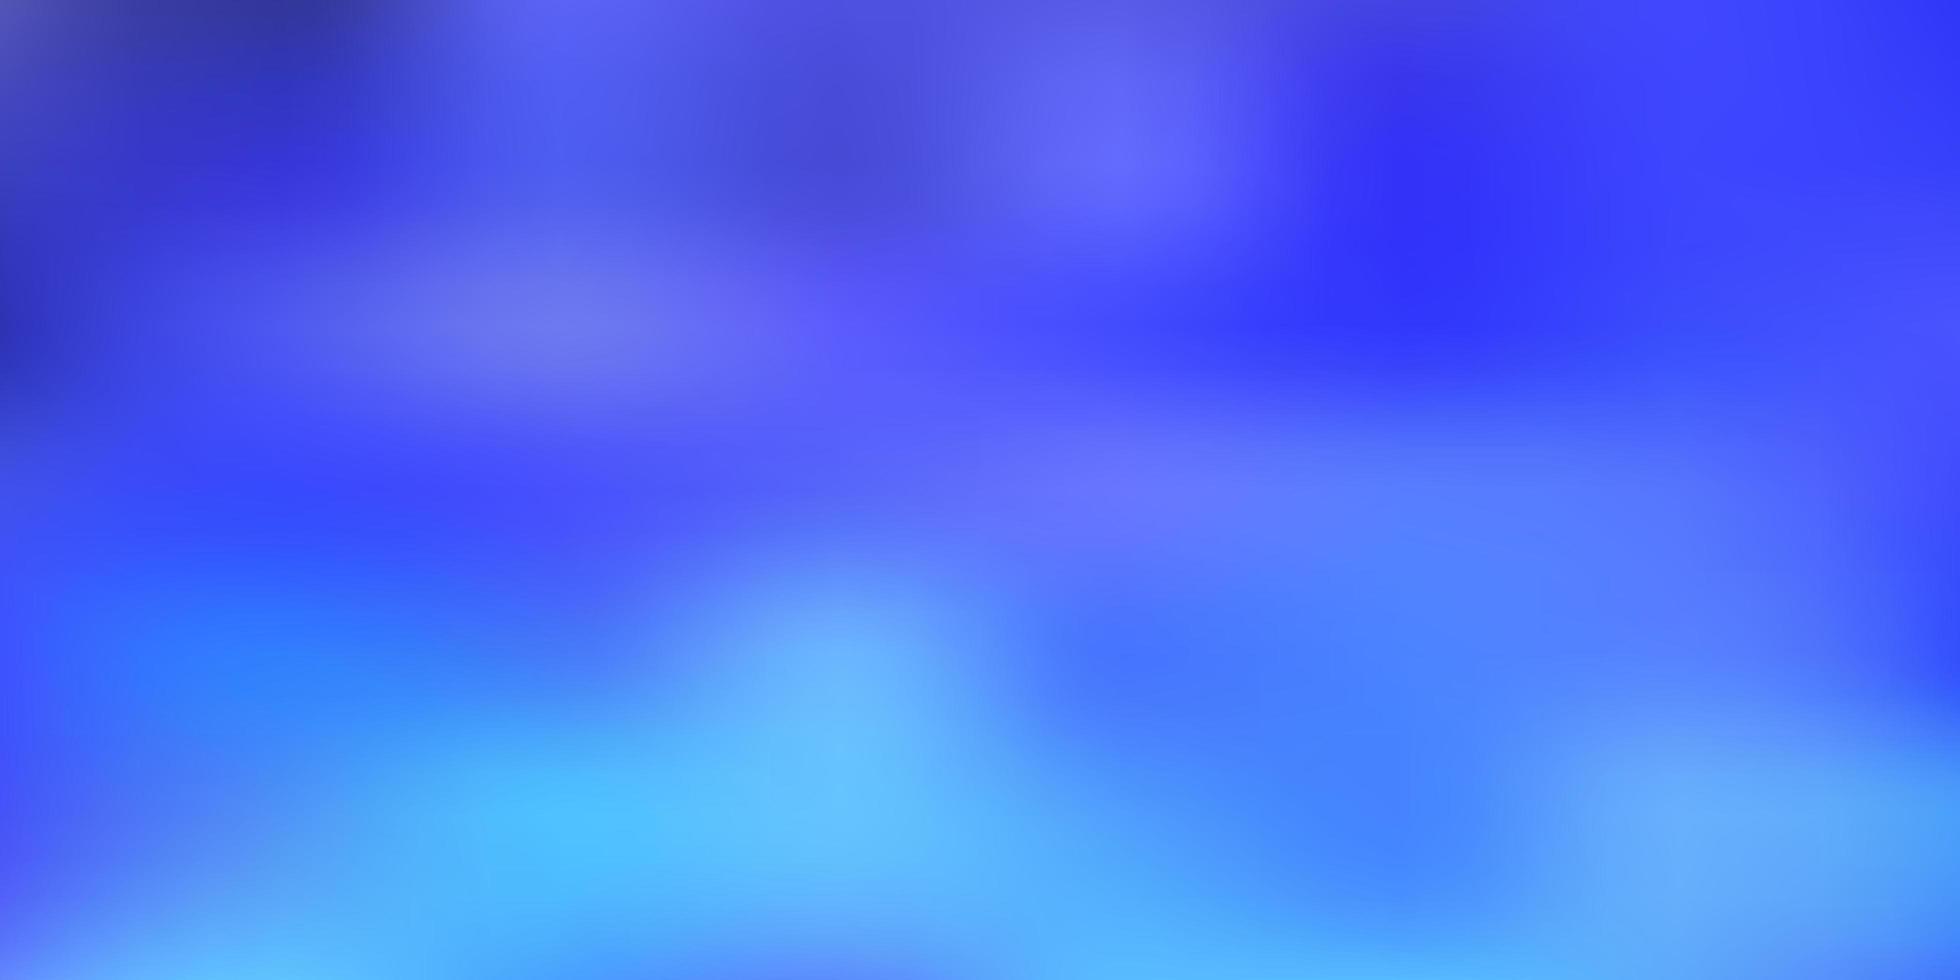 hellblauer Vektorverlauf verwischt Hintergrund. vektor